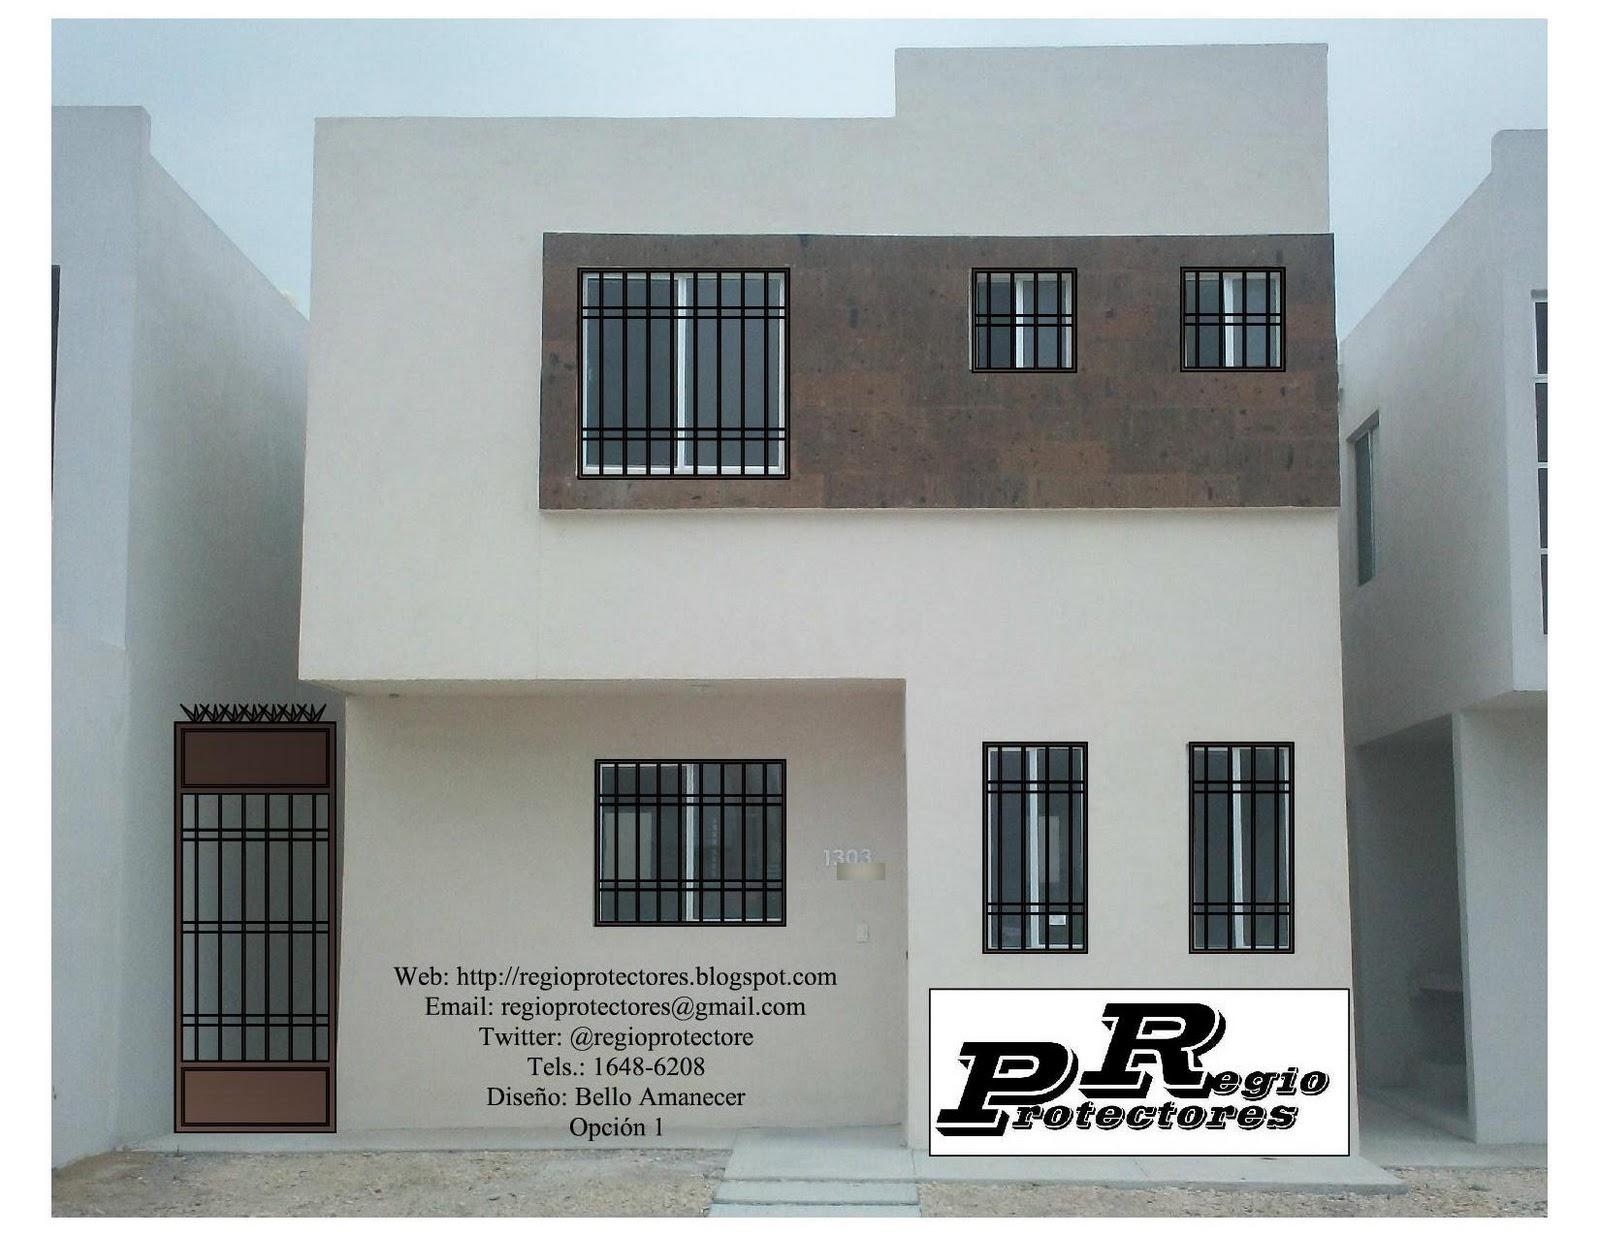 Foto montaje de protectores para ventanas y puertas, Fracc. Bello